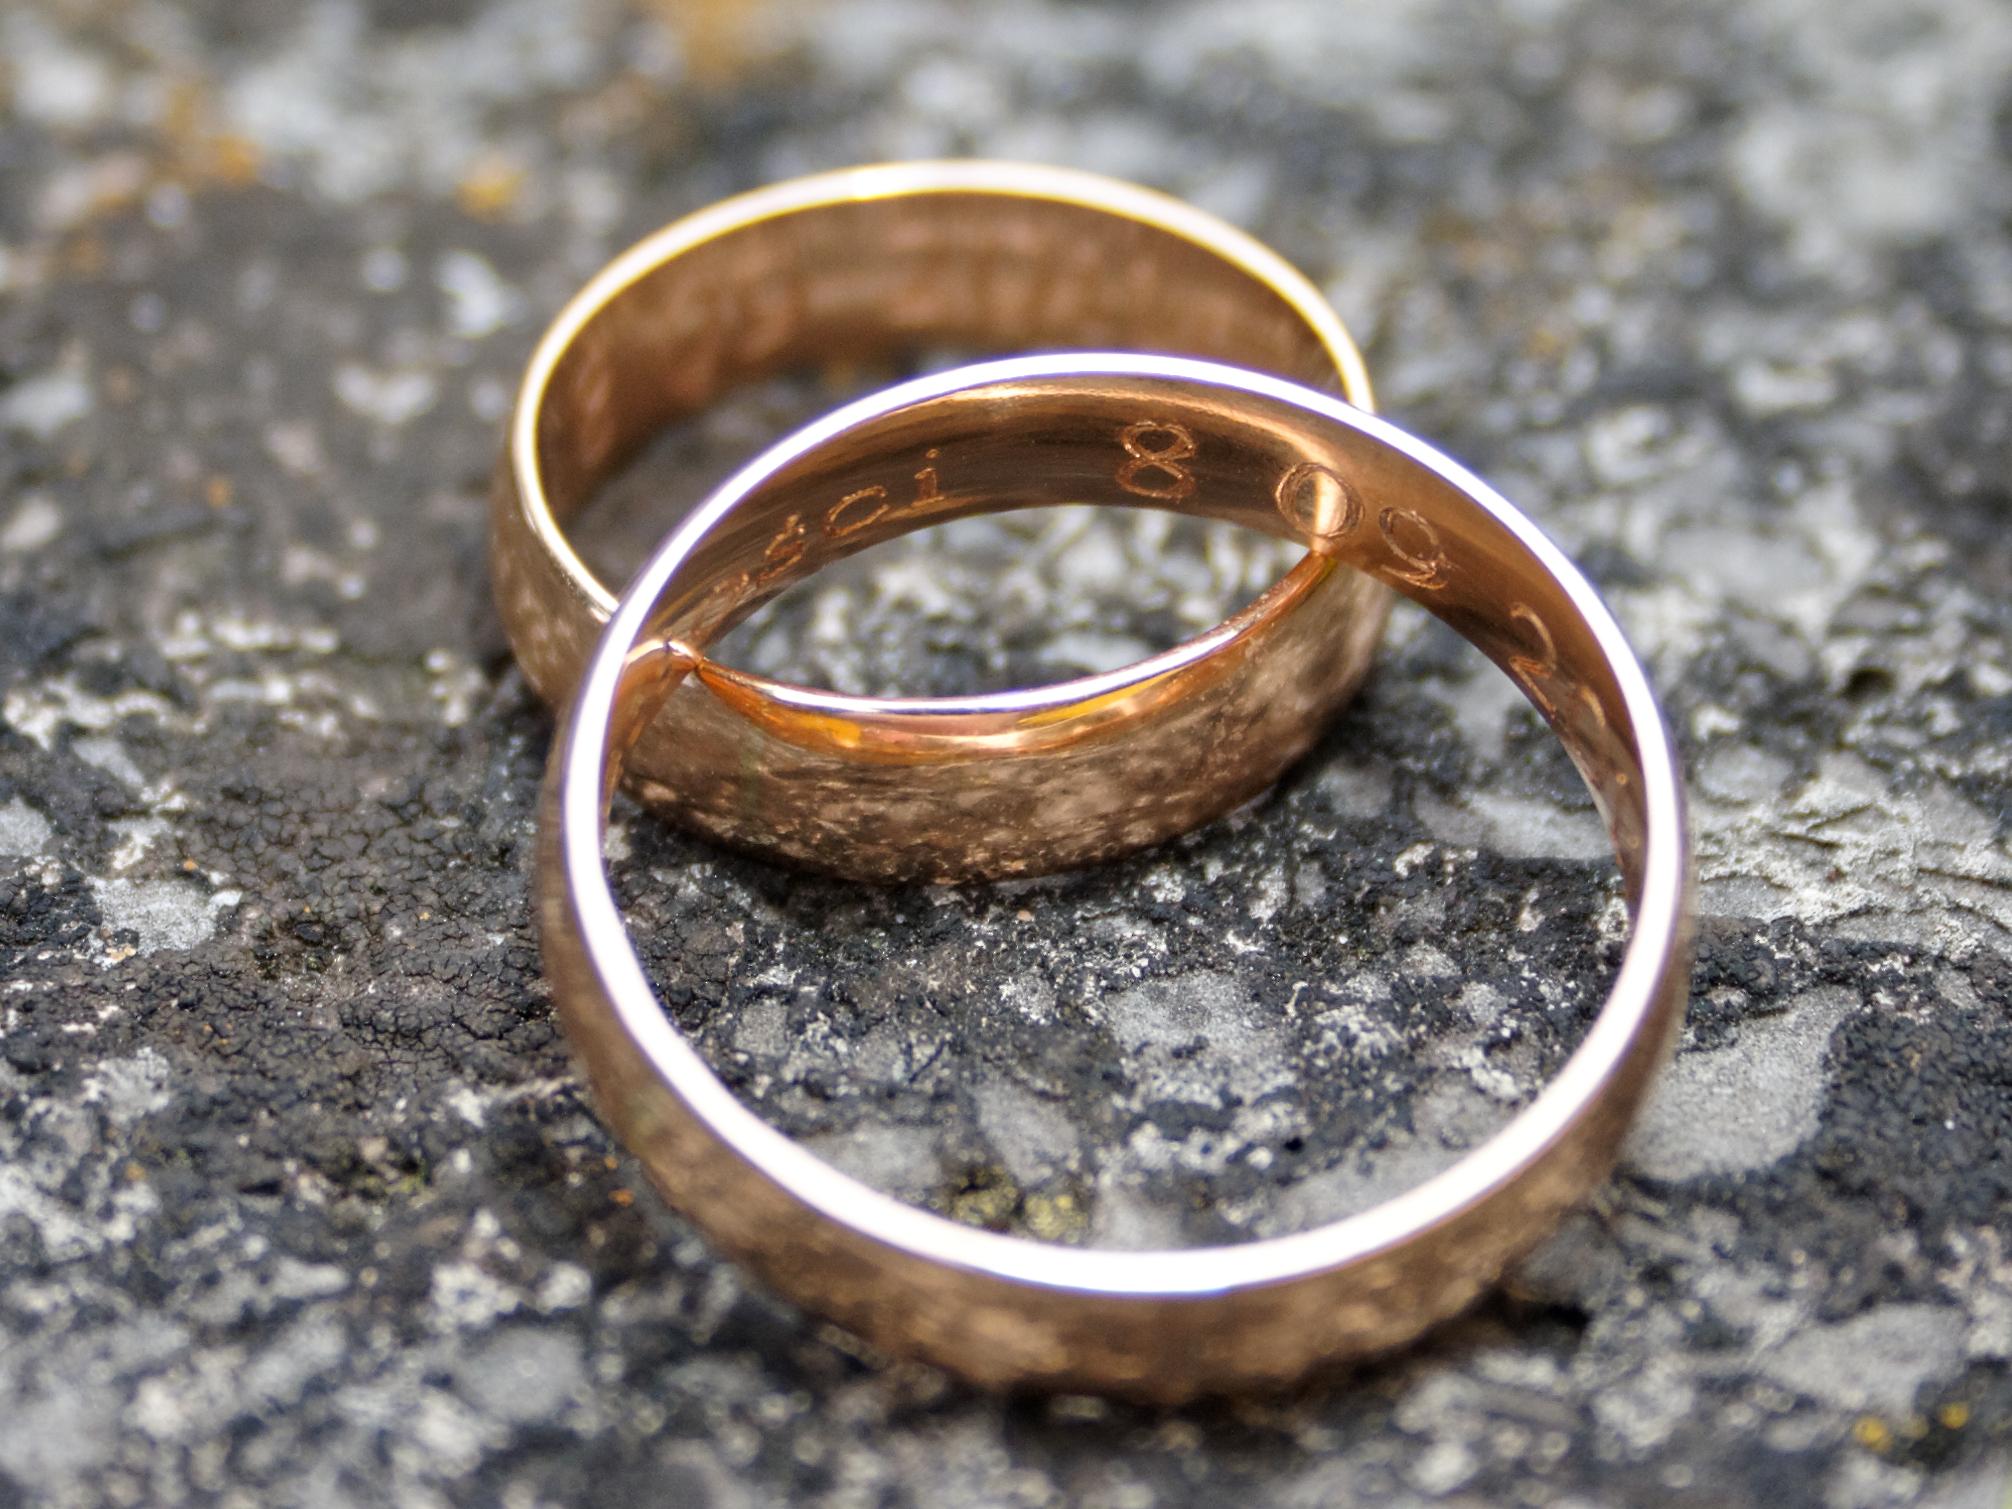 Małżeństwo Parafia Katedralna Wniebowzięcia Nmp W Pelplinie